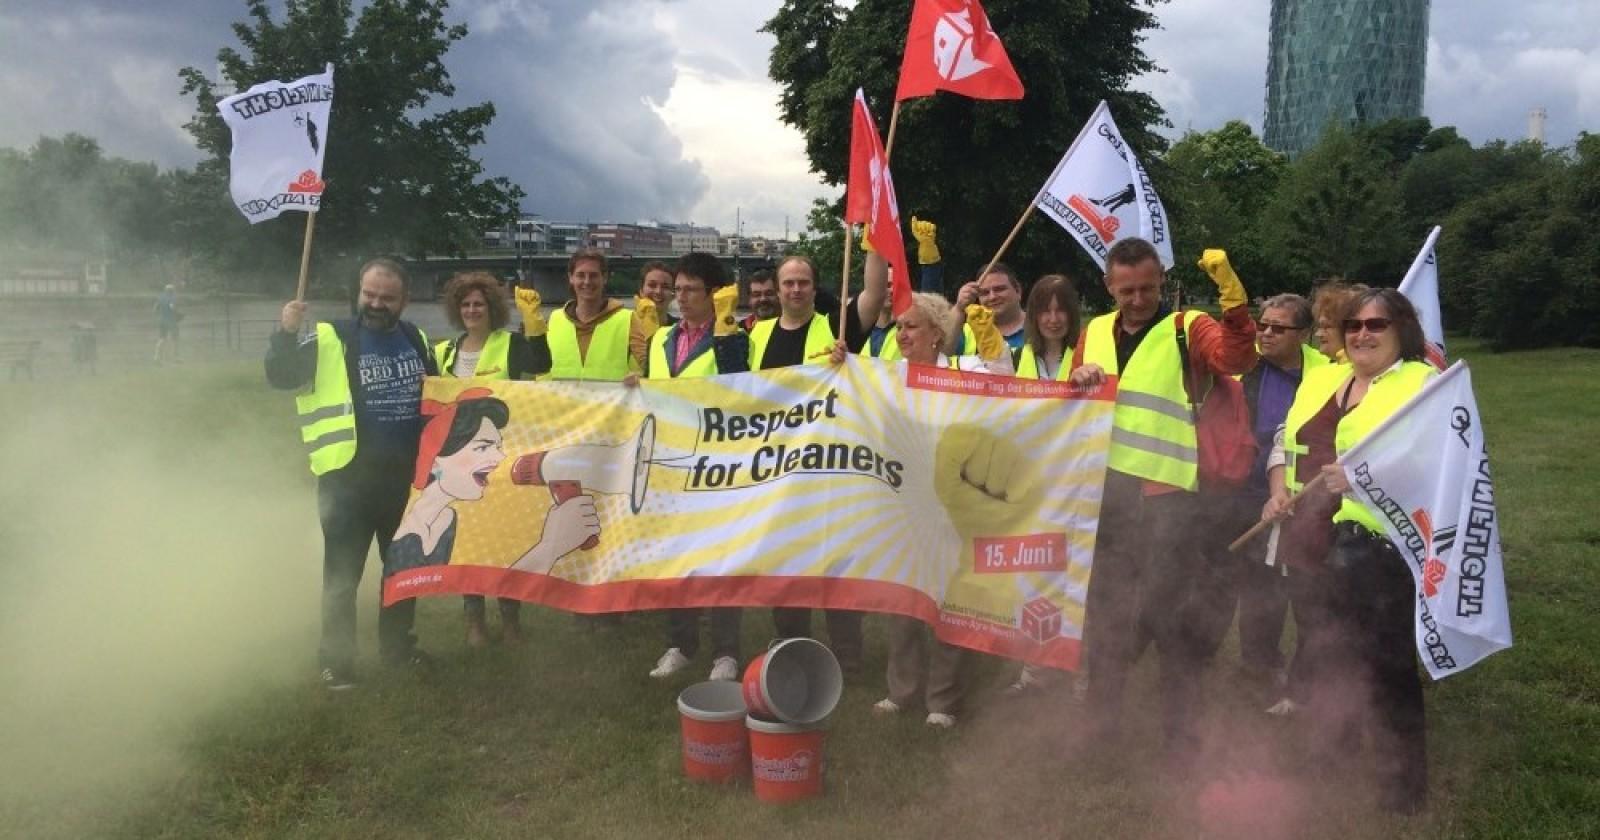 Respect for Cleaners - Tag der Gebäudereinigung in Frankfurt a.M.